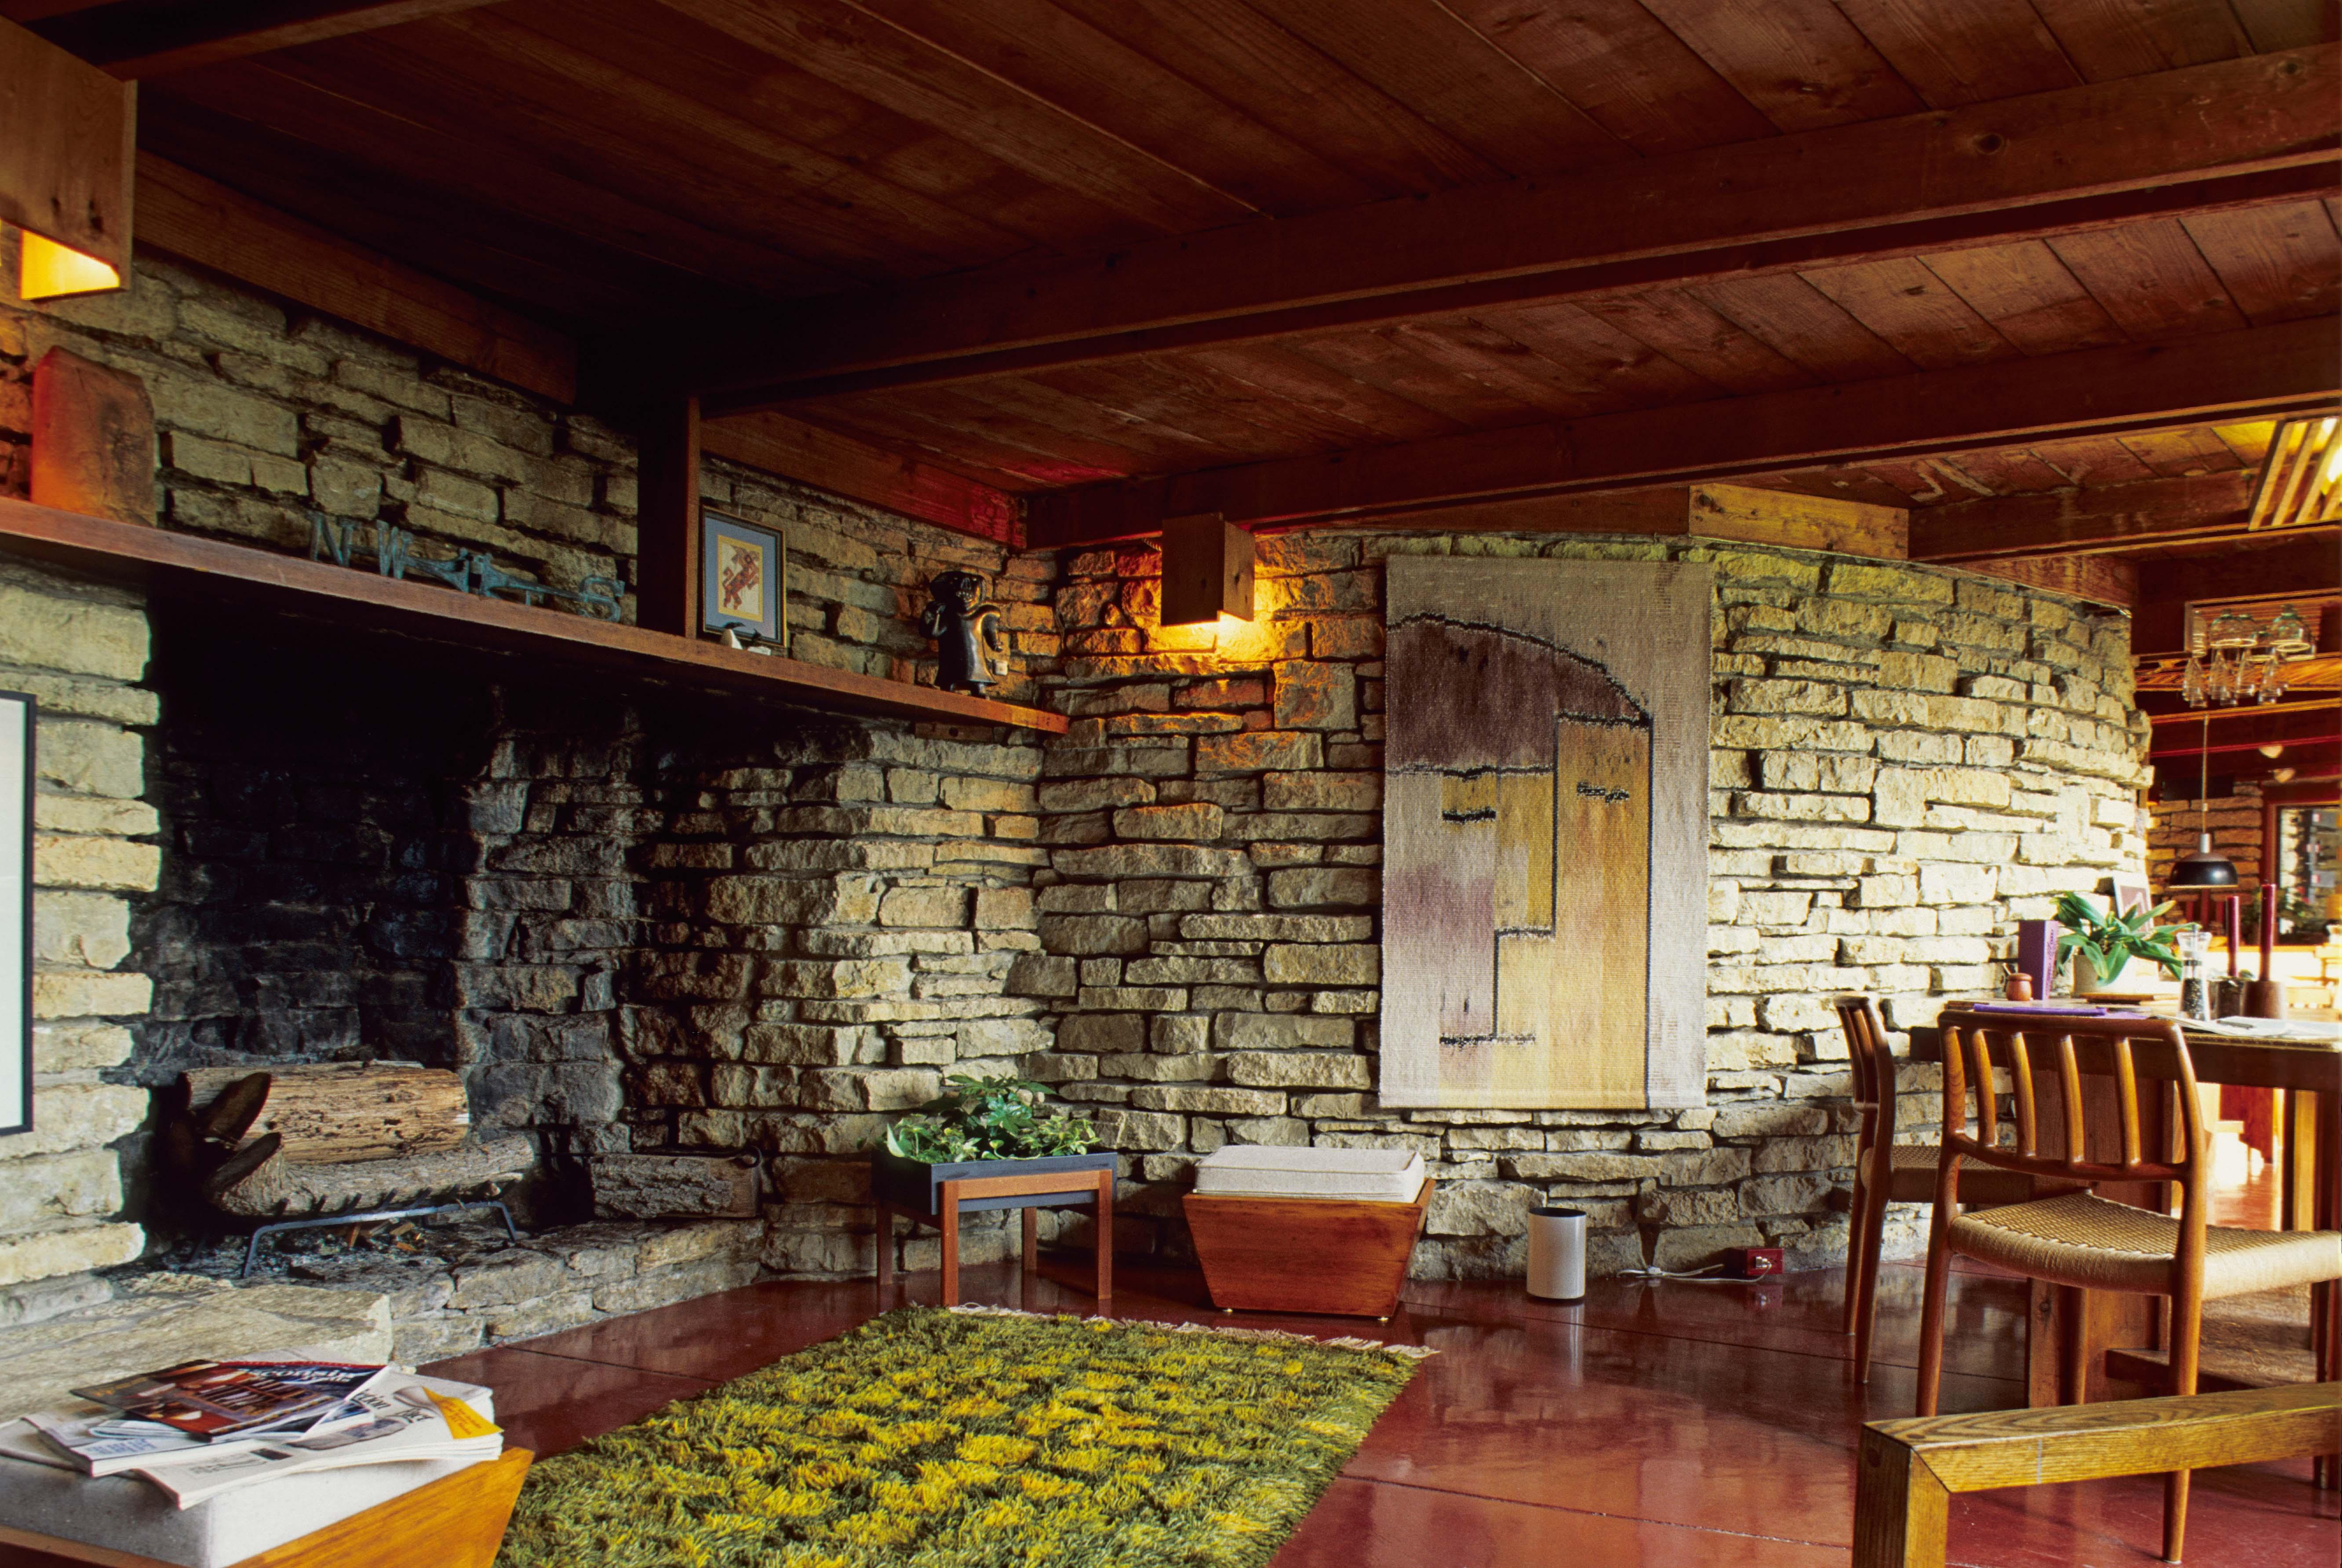 ジェイコブ邸の暖炉